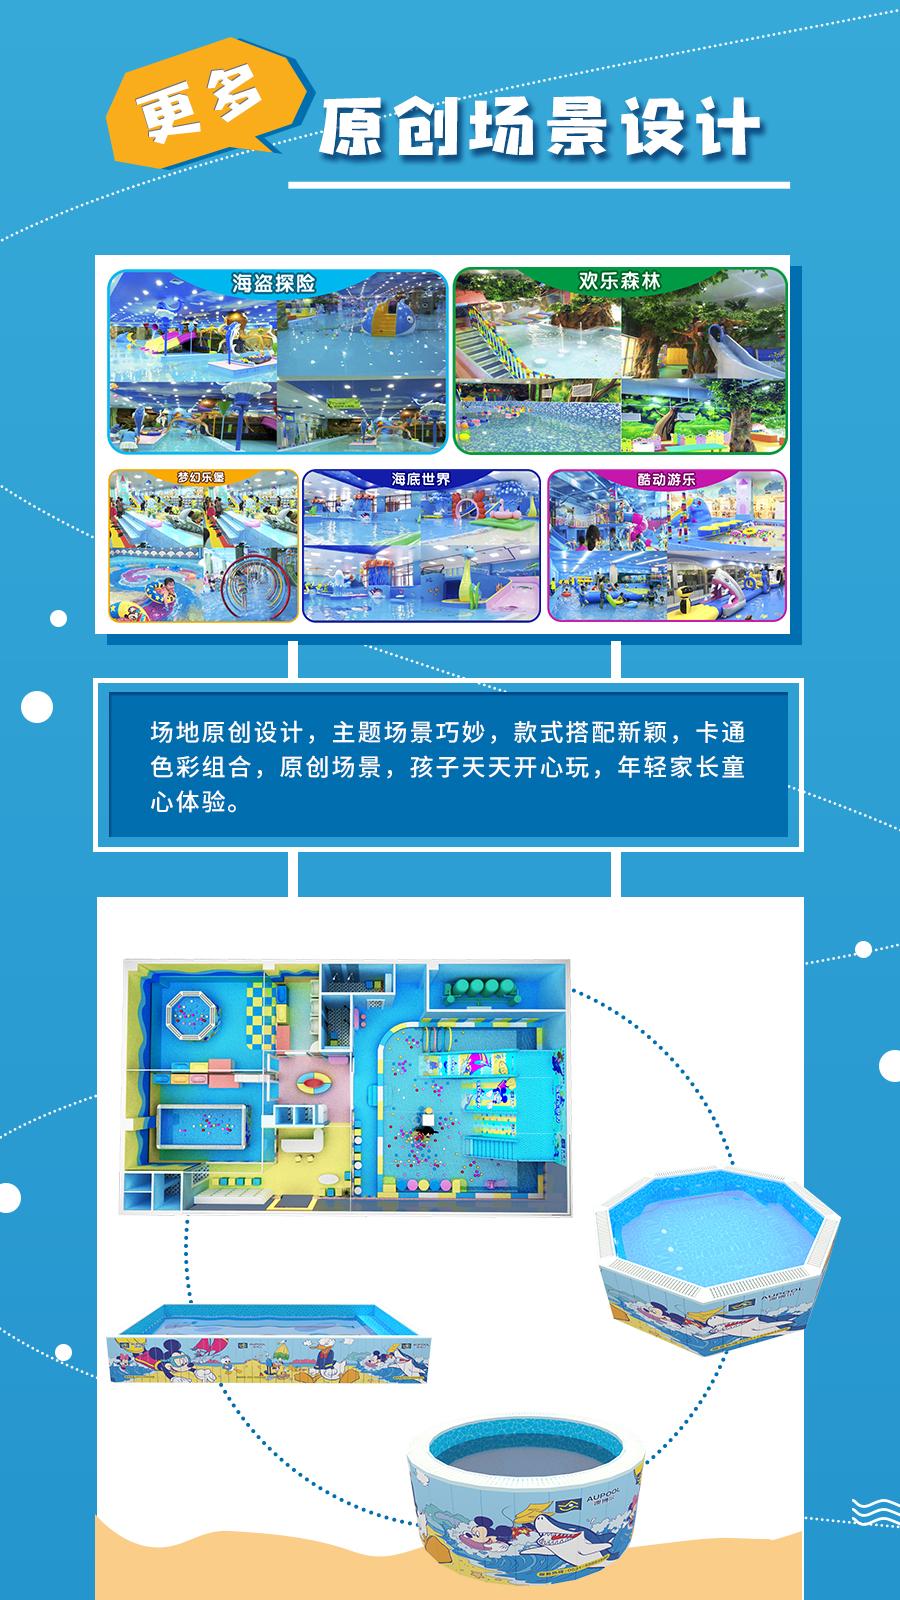 新款水上儿童乐园设施